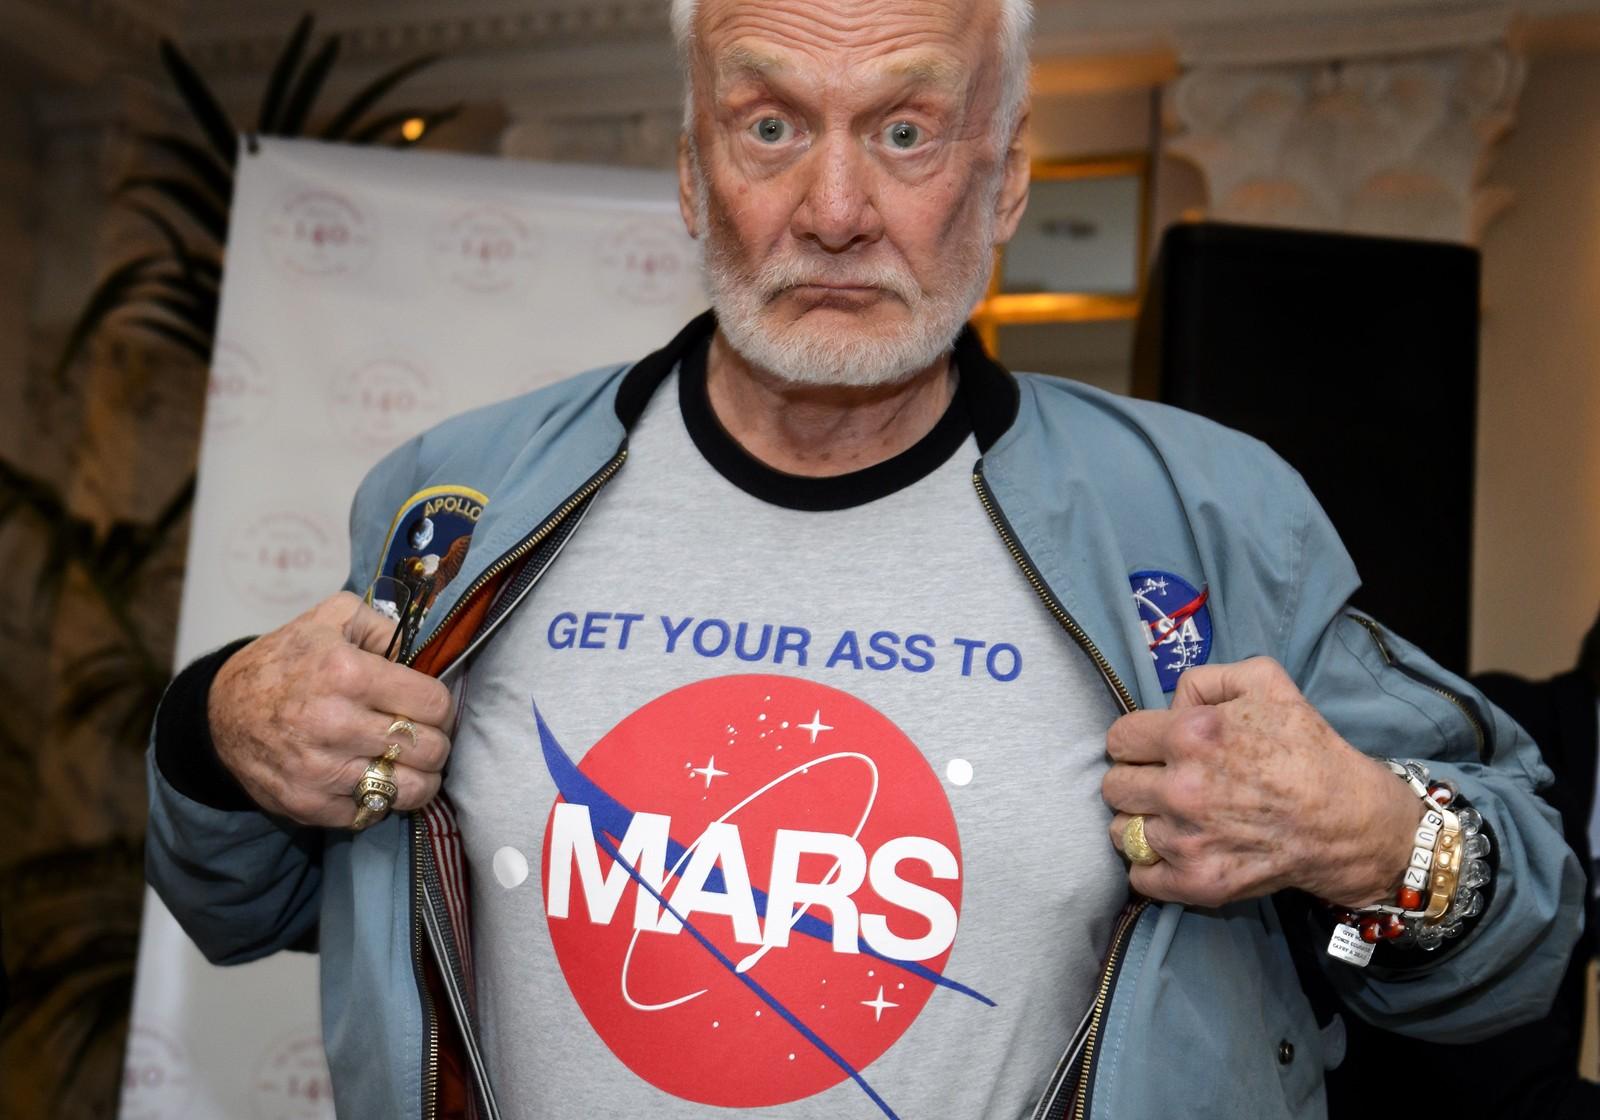 Tidligere Nasa-astronaut Buzz Aldrin viser hva han mener om å dra til Mars under en pressekonferanse sammen med kosmonaut Alexei Leonov og astronaut Claude Nicollier.